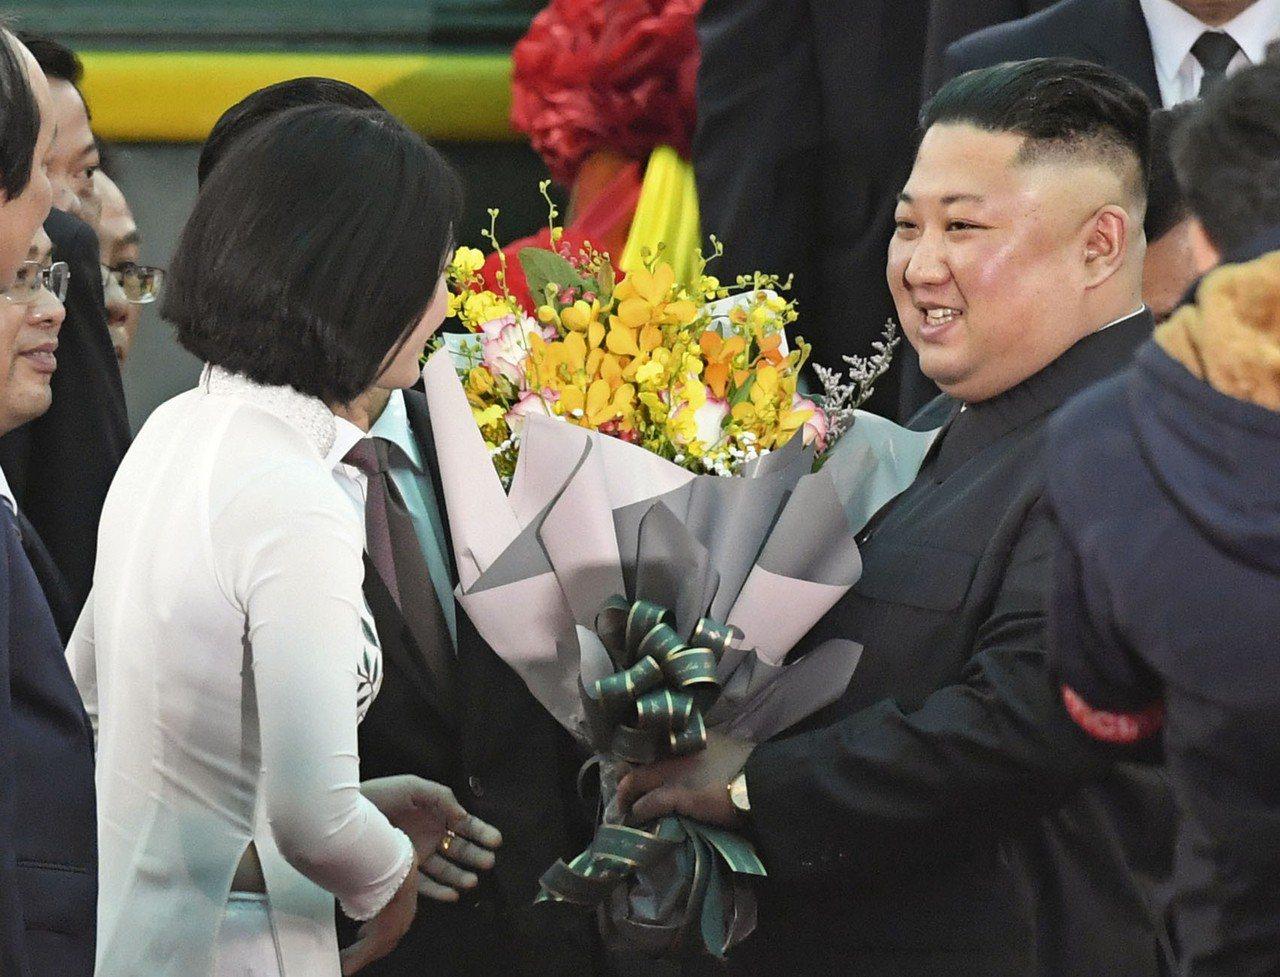 金正恩專列26日上午抵達越南同登車站,越南官員獻上歡迎花束。(美聯社)